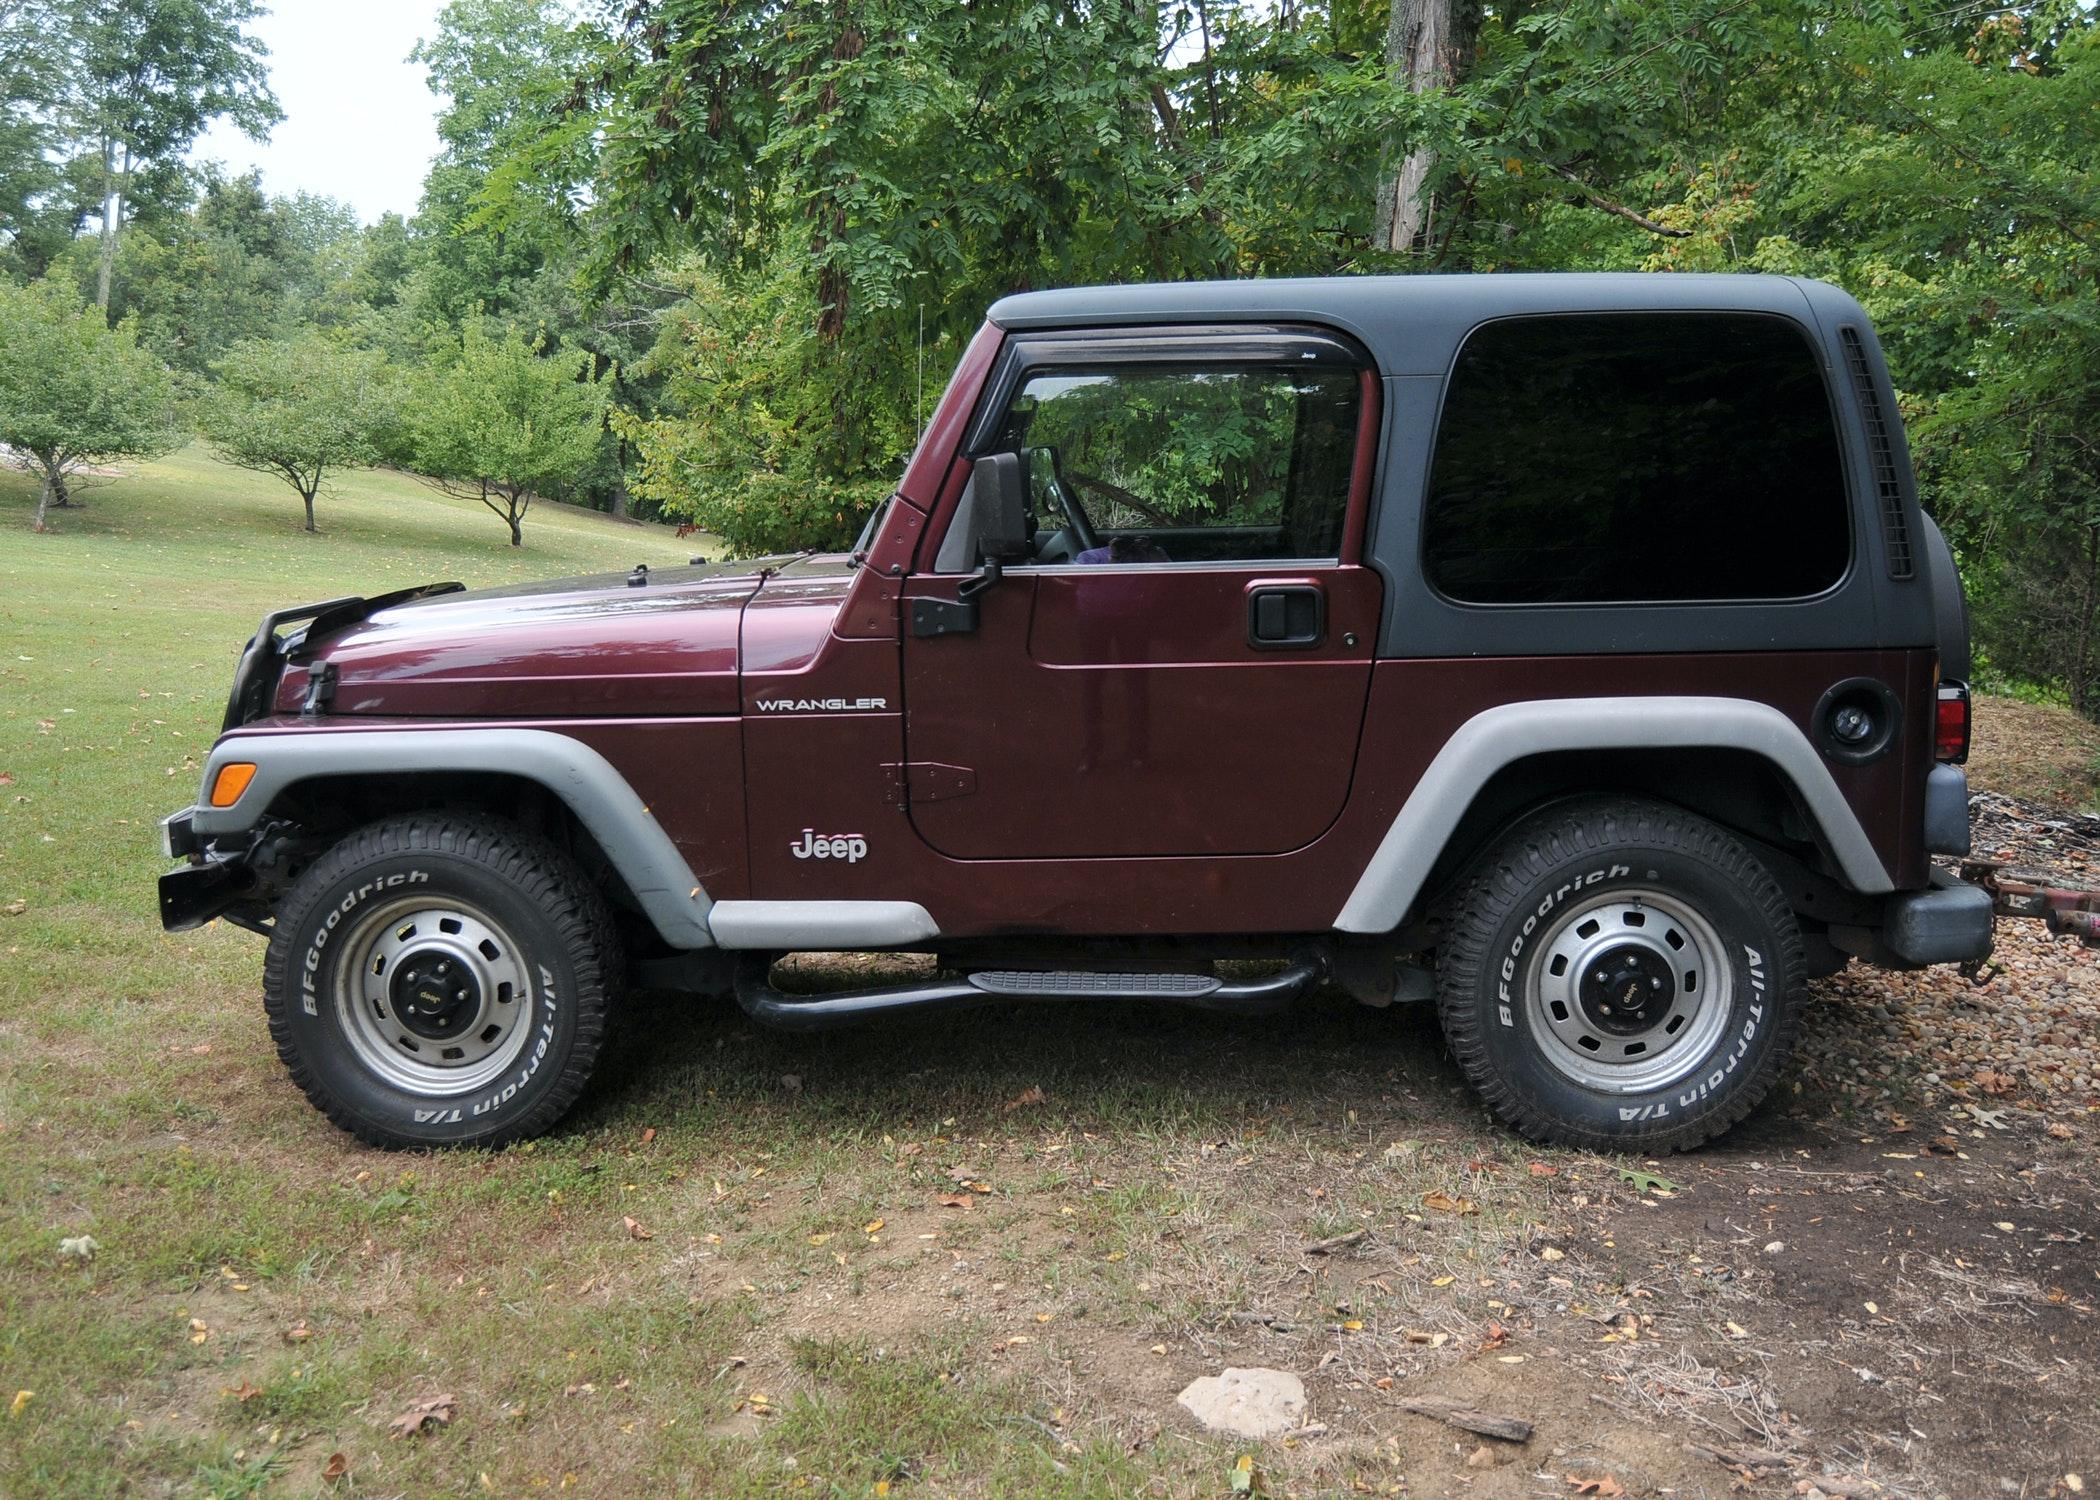 2002 Jeep Wrangler 4x4